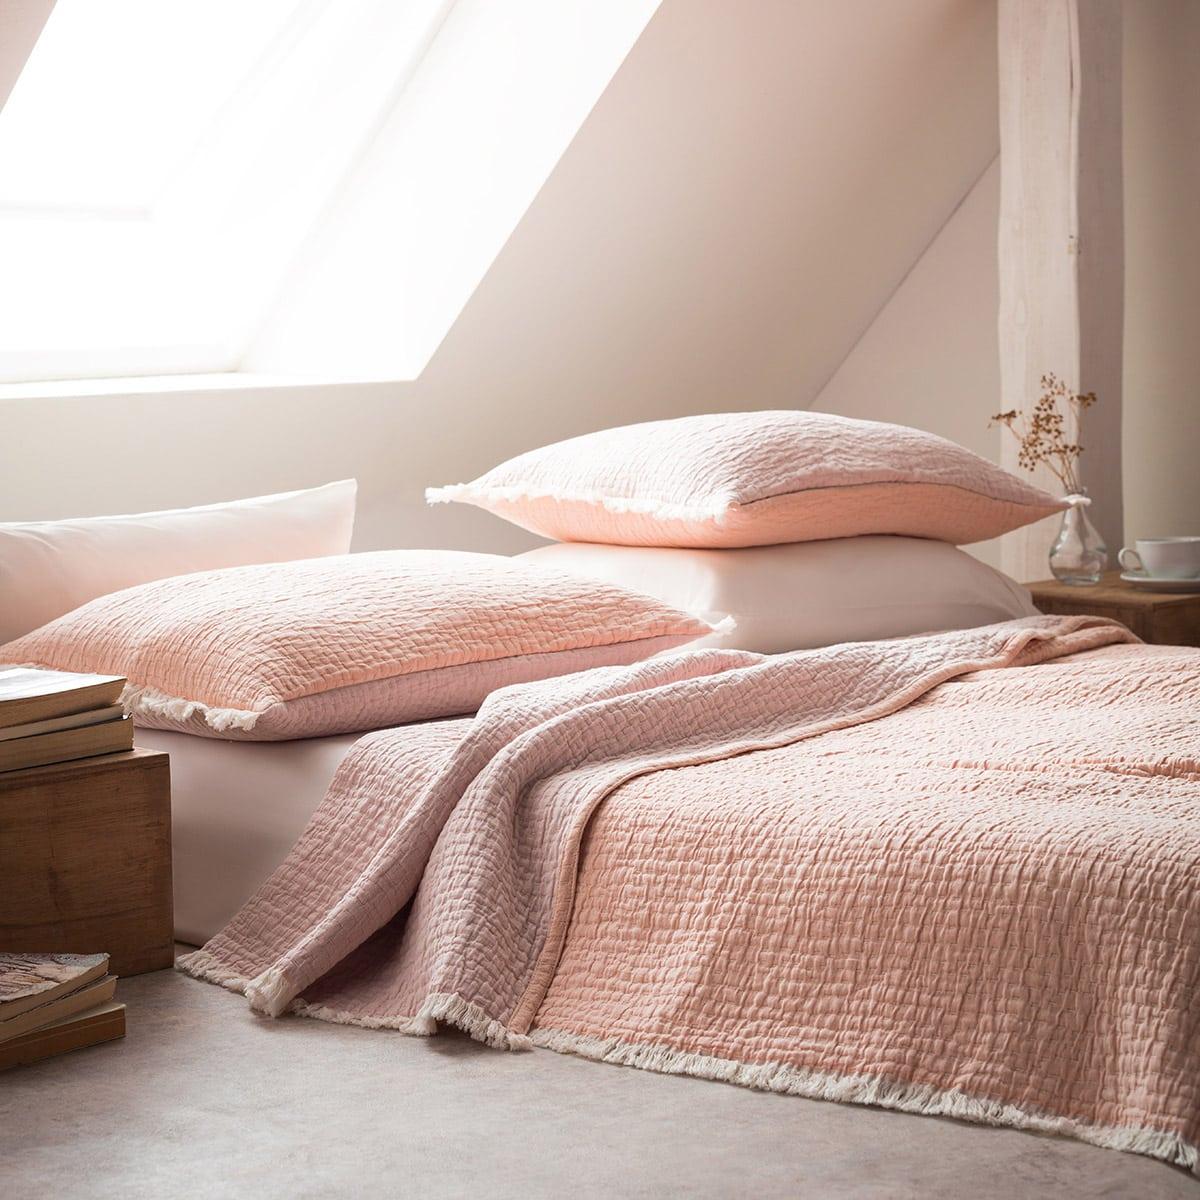 Κουβερτόριο Διπλής Όψης Cloudy 9772/17 Pink-Somon Gofis Home Μονό